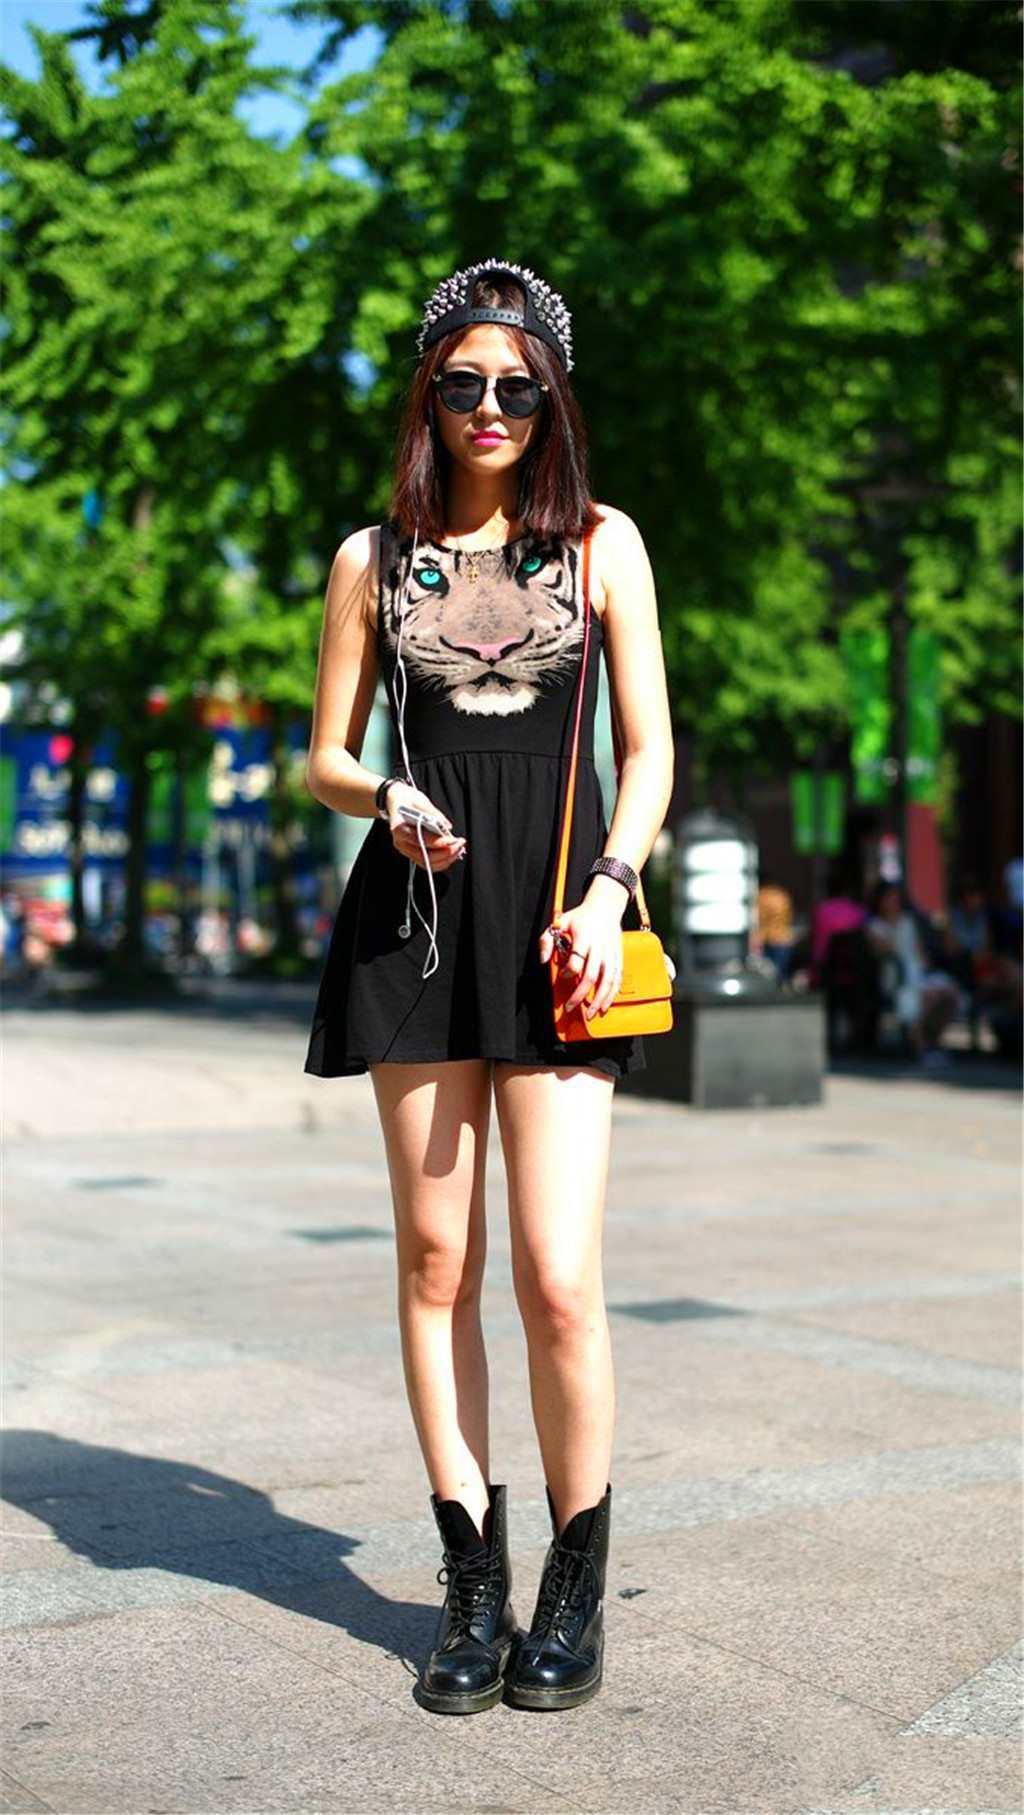 街拍:性感美女青春靓丽的穿搭,时尚感十足!(点击浏览下一张趣图)